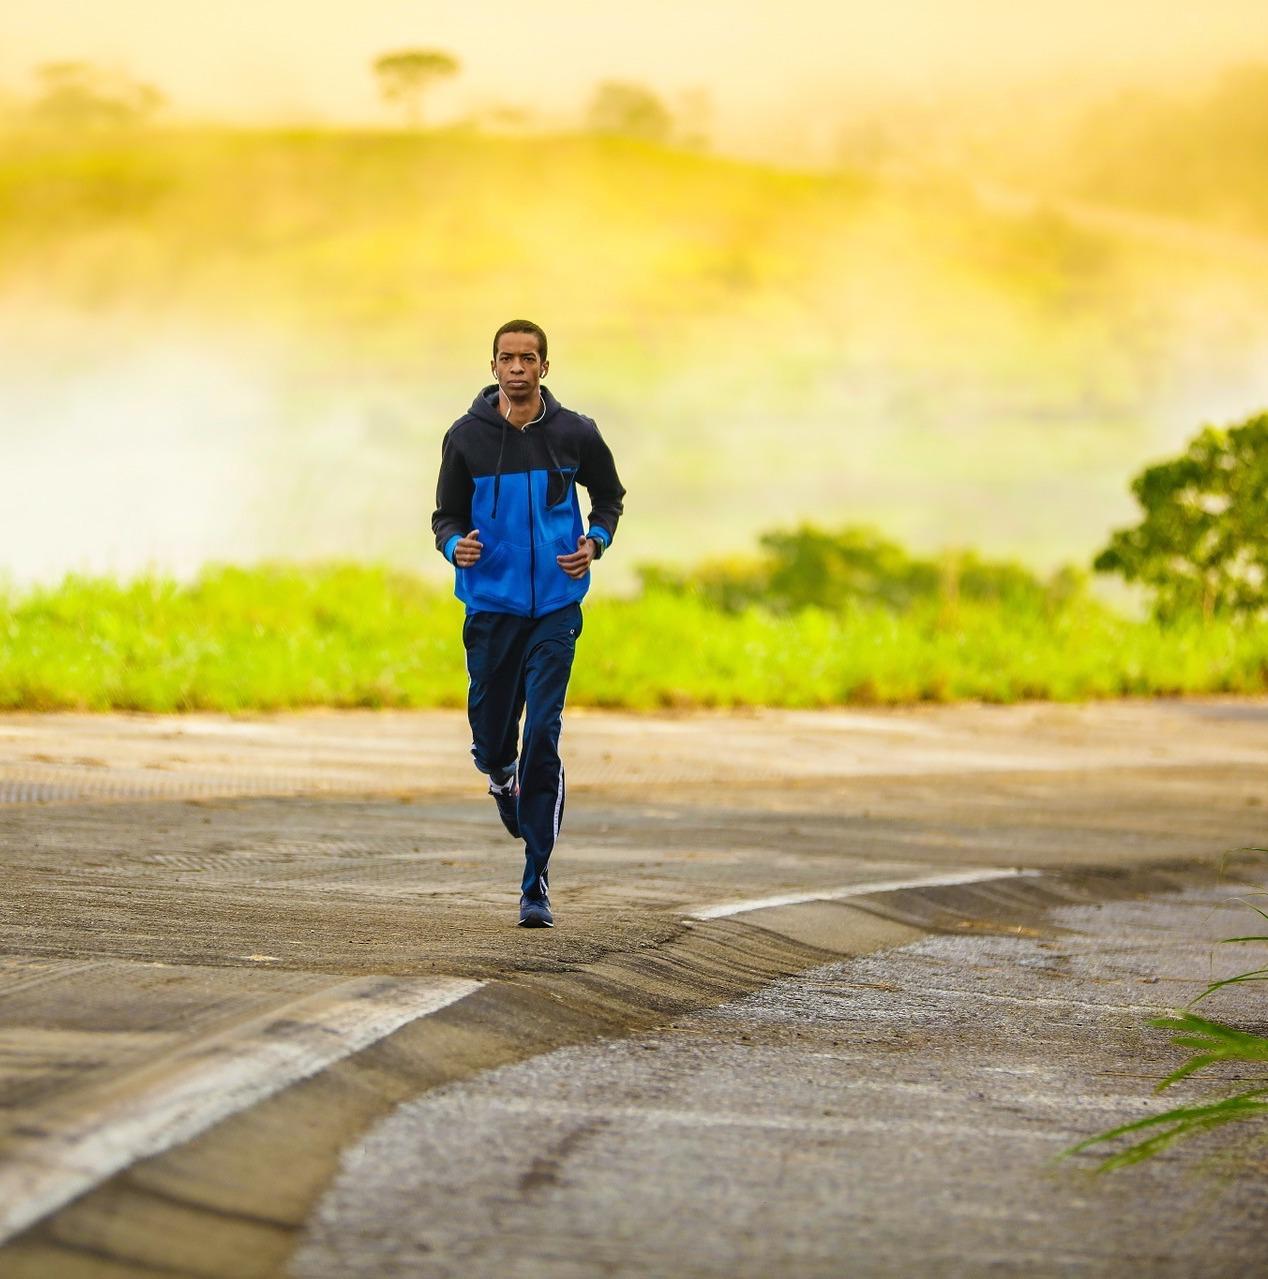 b307a5ec Test av 60 løpesko: Finn løpeskoene som passer deg best